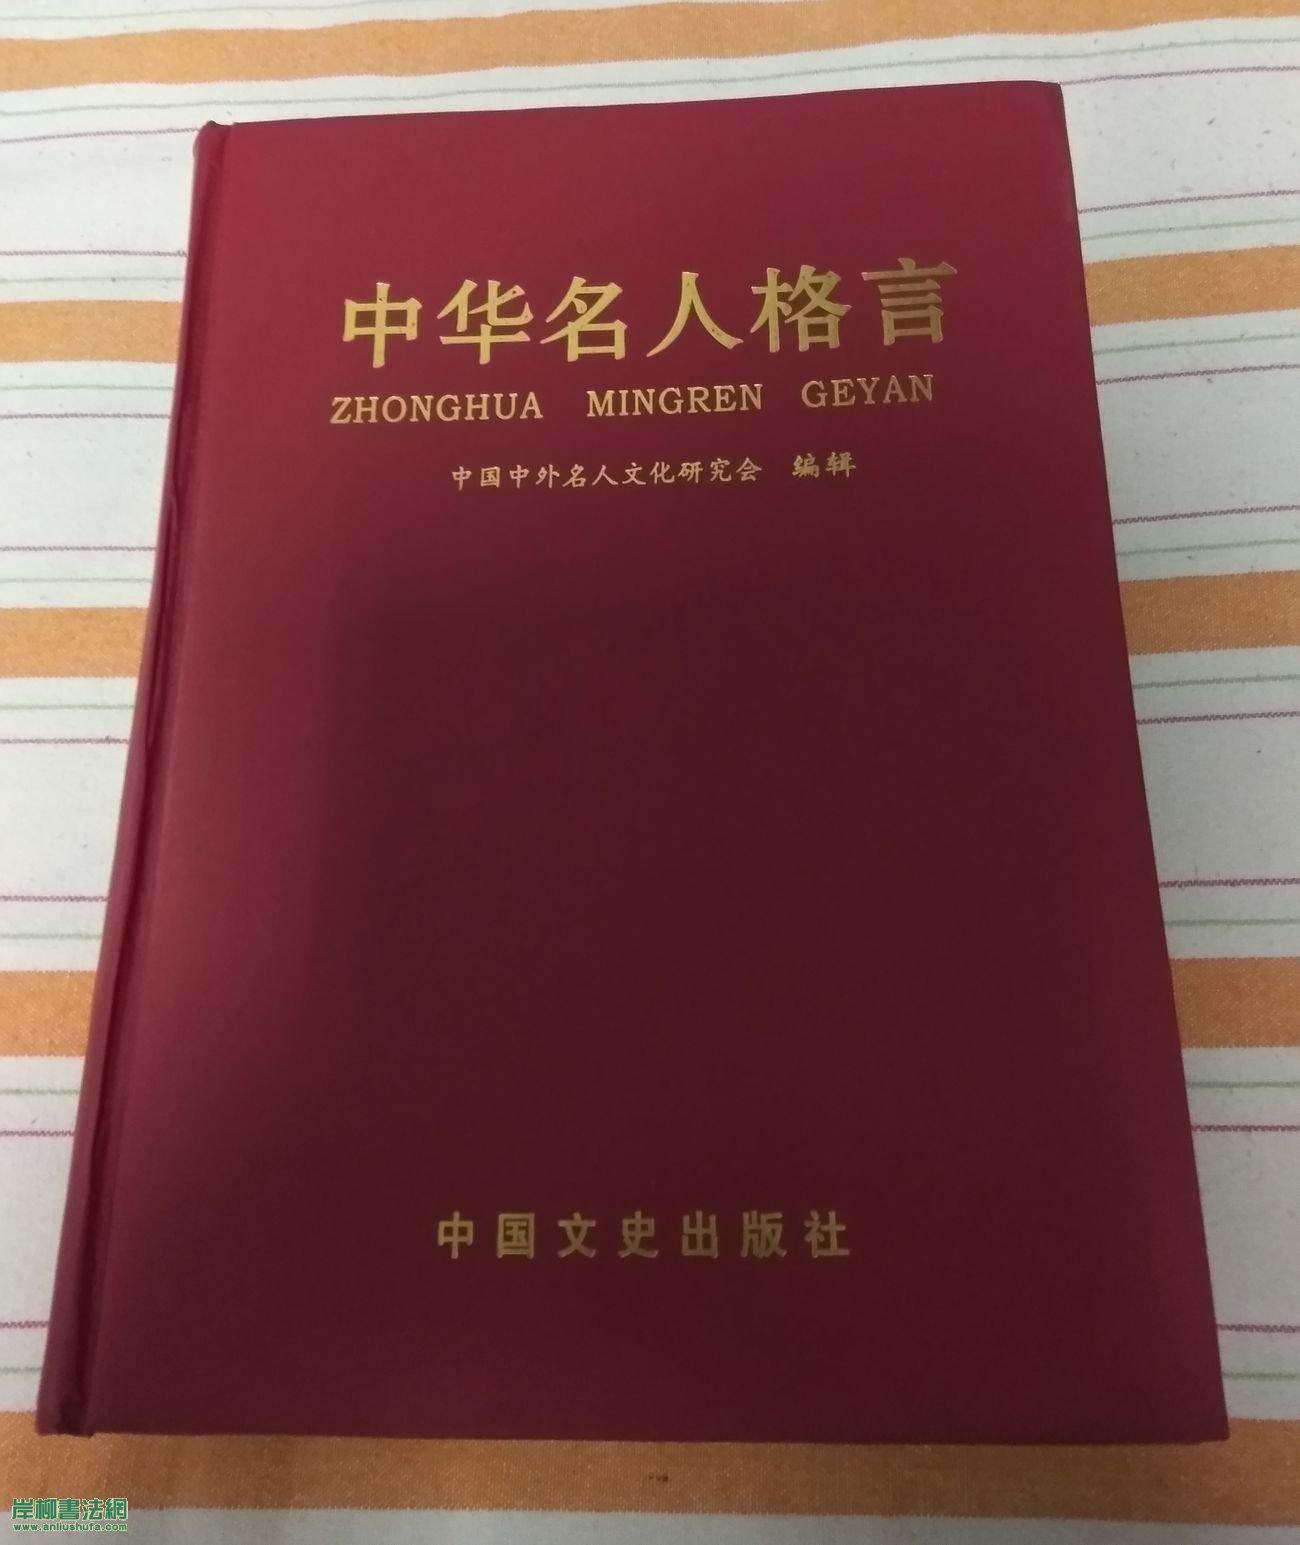 岸柳艺术感言被《中华名人格言》收录